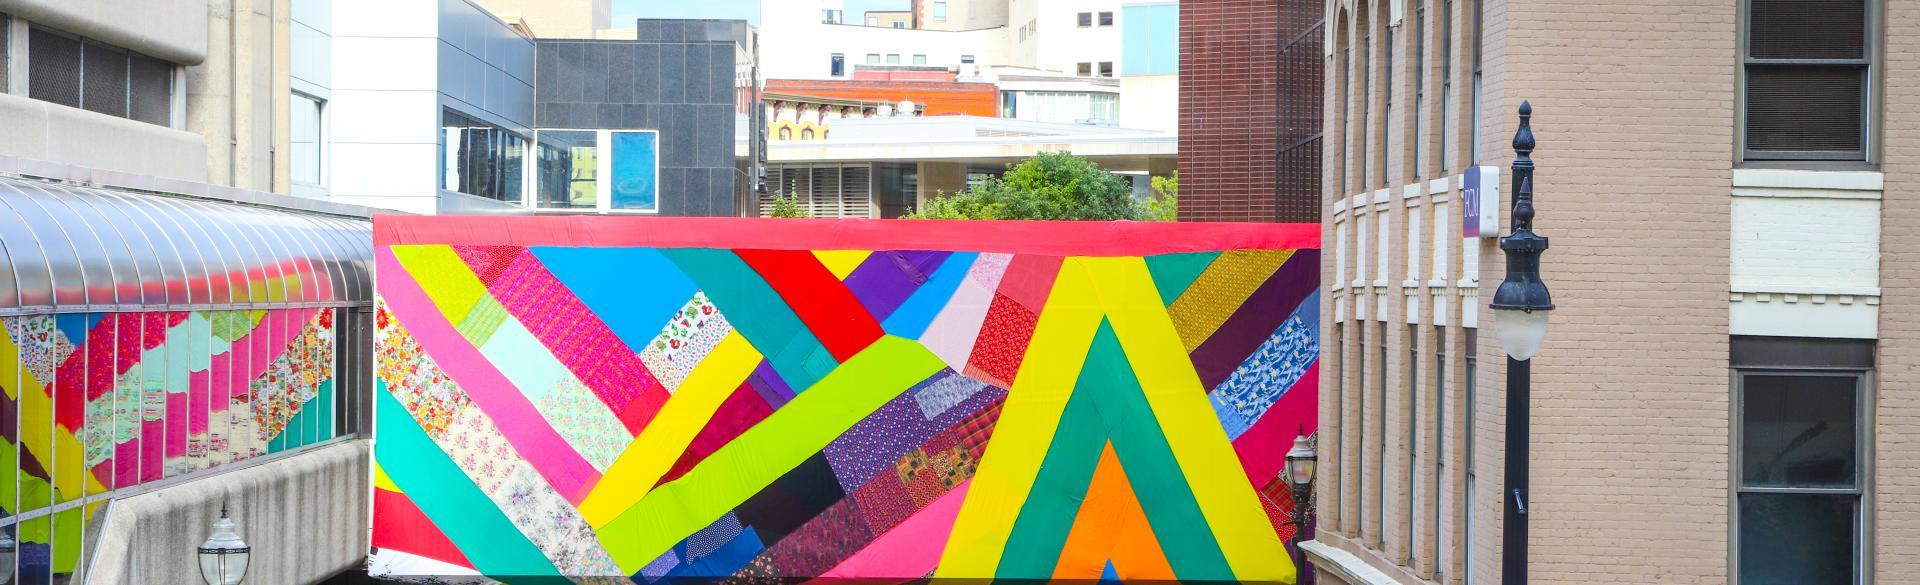 Kaleidoscopic by Amanda Browder - Campau Skywalk